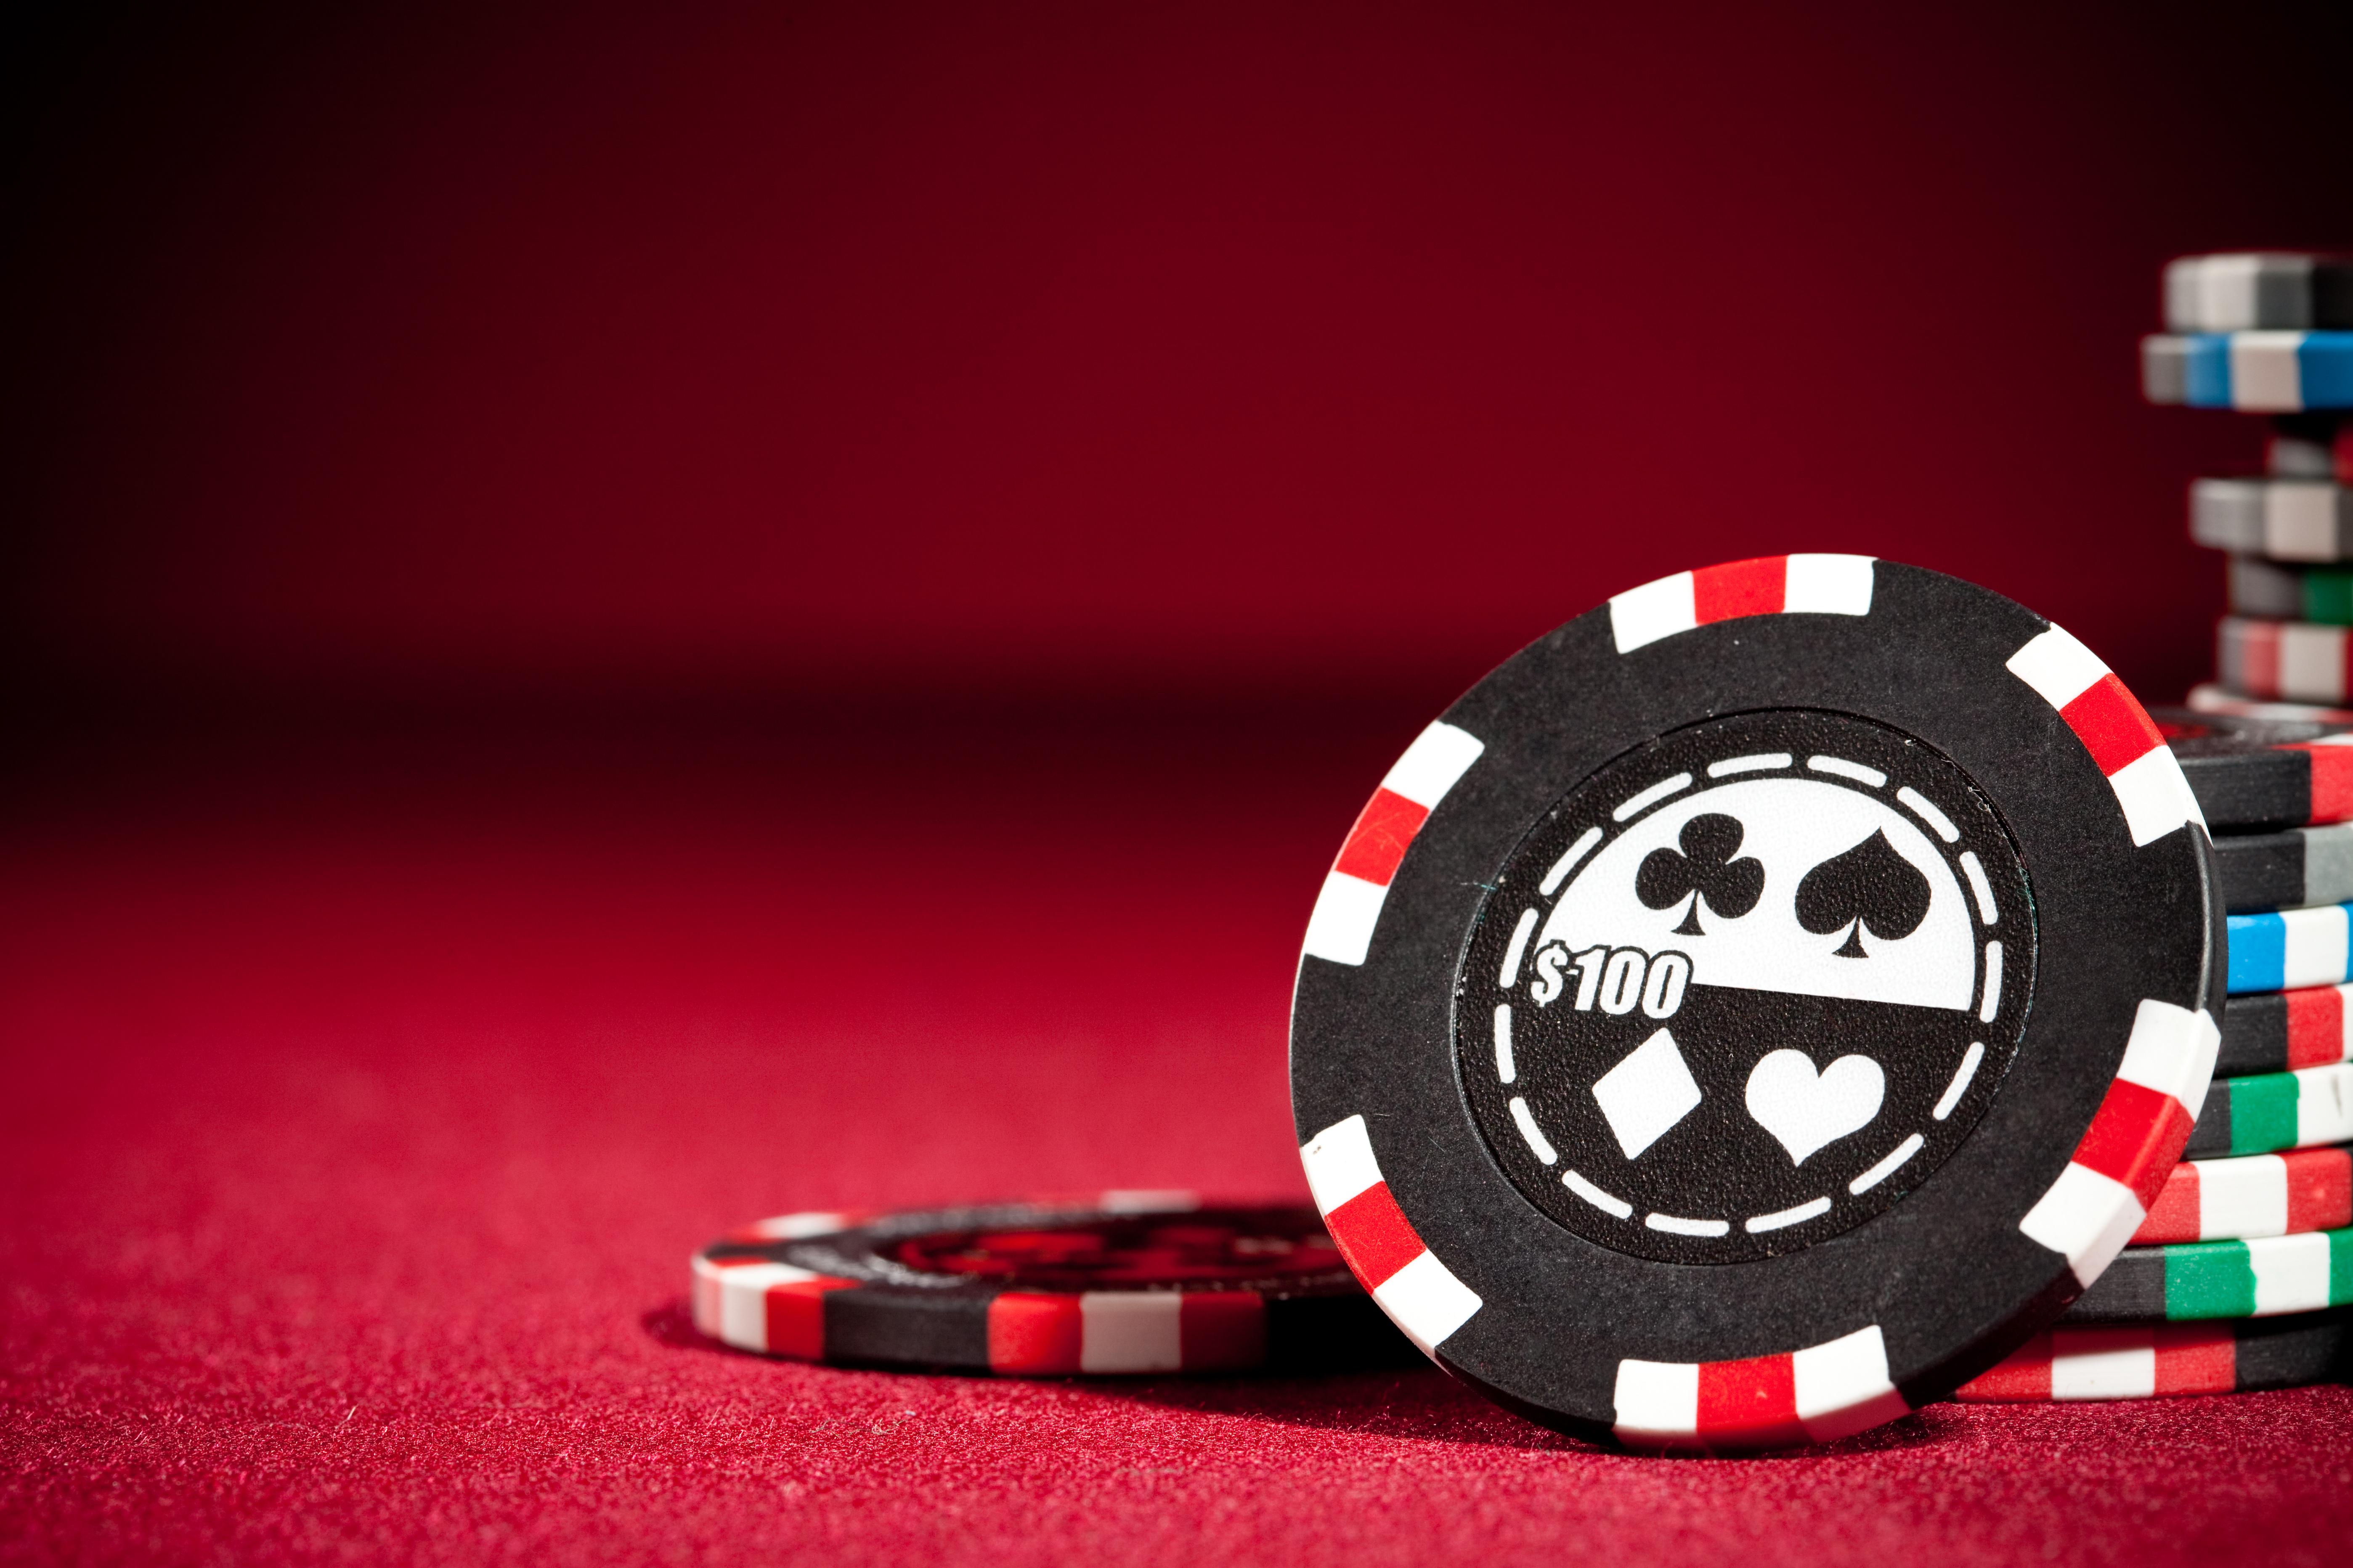 покер на яндексе онлайн играть бесплатно